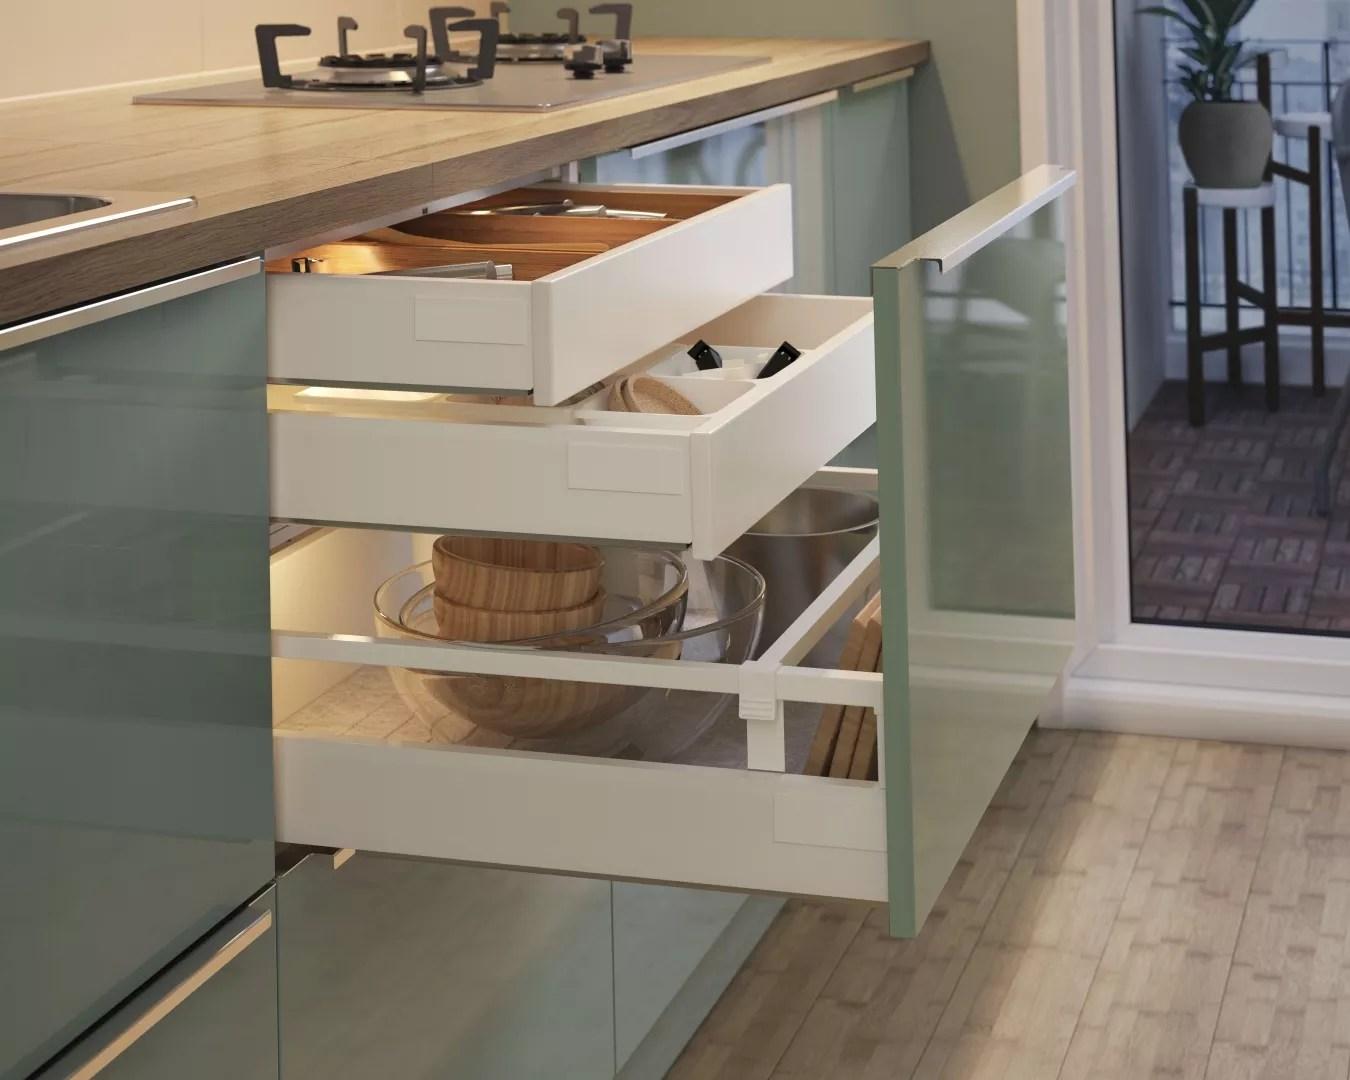 Interieur ikea lanceert design keuken met karakter u stijlvol